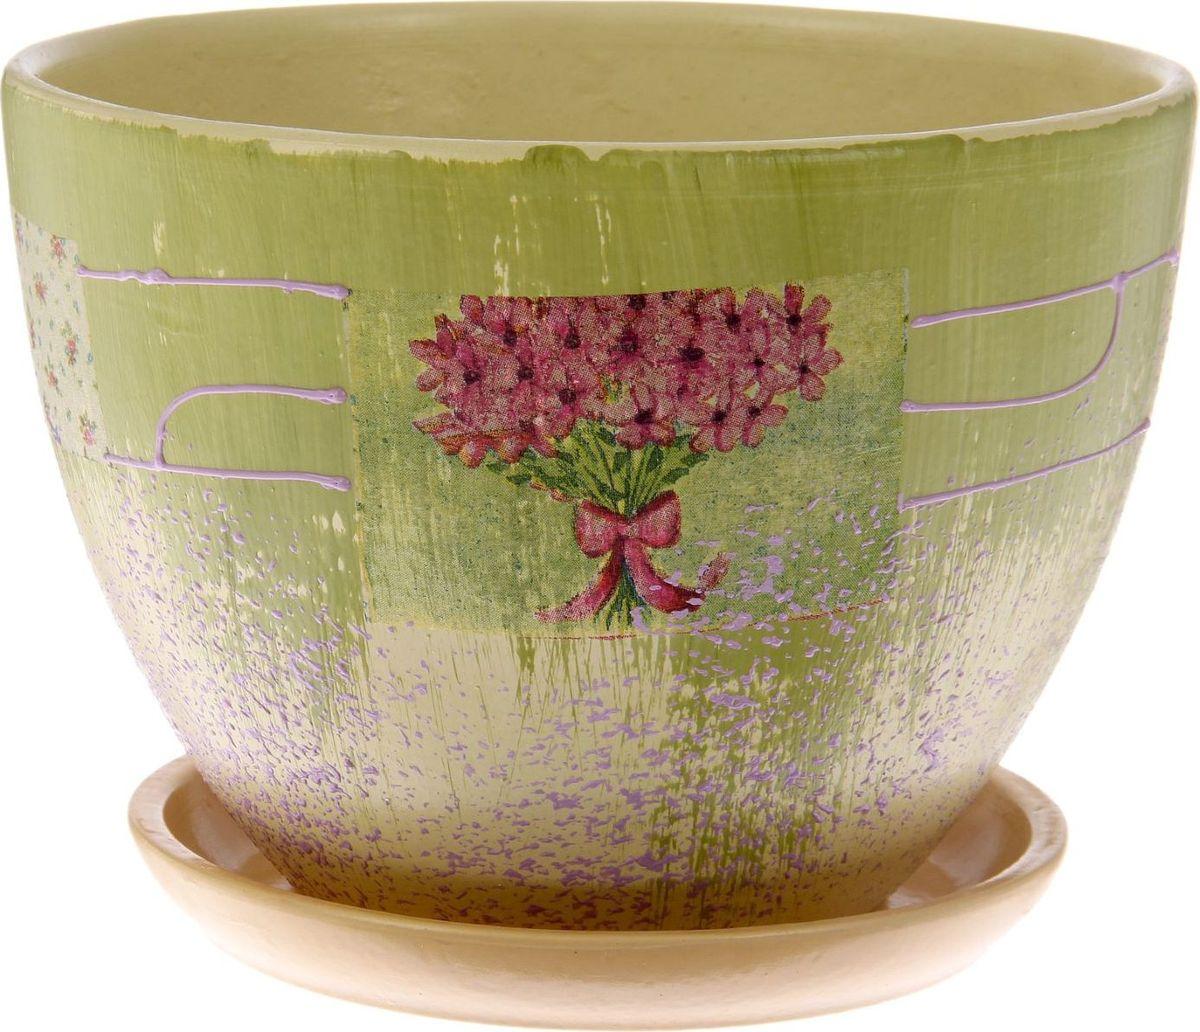 Кашпо Кантри, цвет: зеленый, белый, 2 л1186578Комнатные растения — всеобщие любимцы. Они радуют глаз, насыщают помещение кислородом и украшают пространство. Каждому из них необходим свой удобный и красивый дом. Кашпо из керамики прекрасно подходят для высадки растений: за счет пластичности глины и разных способов обработки существует великое множество форм и дизайнов пористый материал позволяет испаряться лишней влаге воздух, необходимый для дыхания корней, проникает сквозь керамические стенки! позаботится о зеленом питомце, освежит интерьер и подчеркнет его стиль.